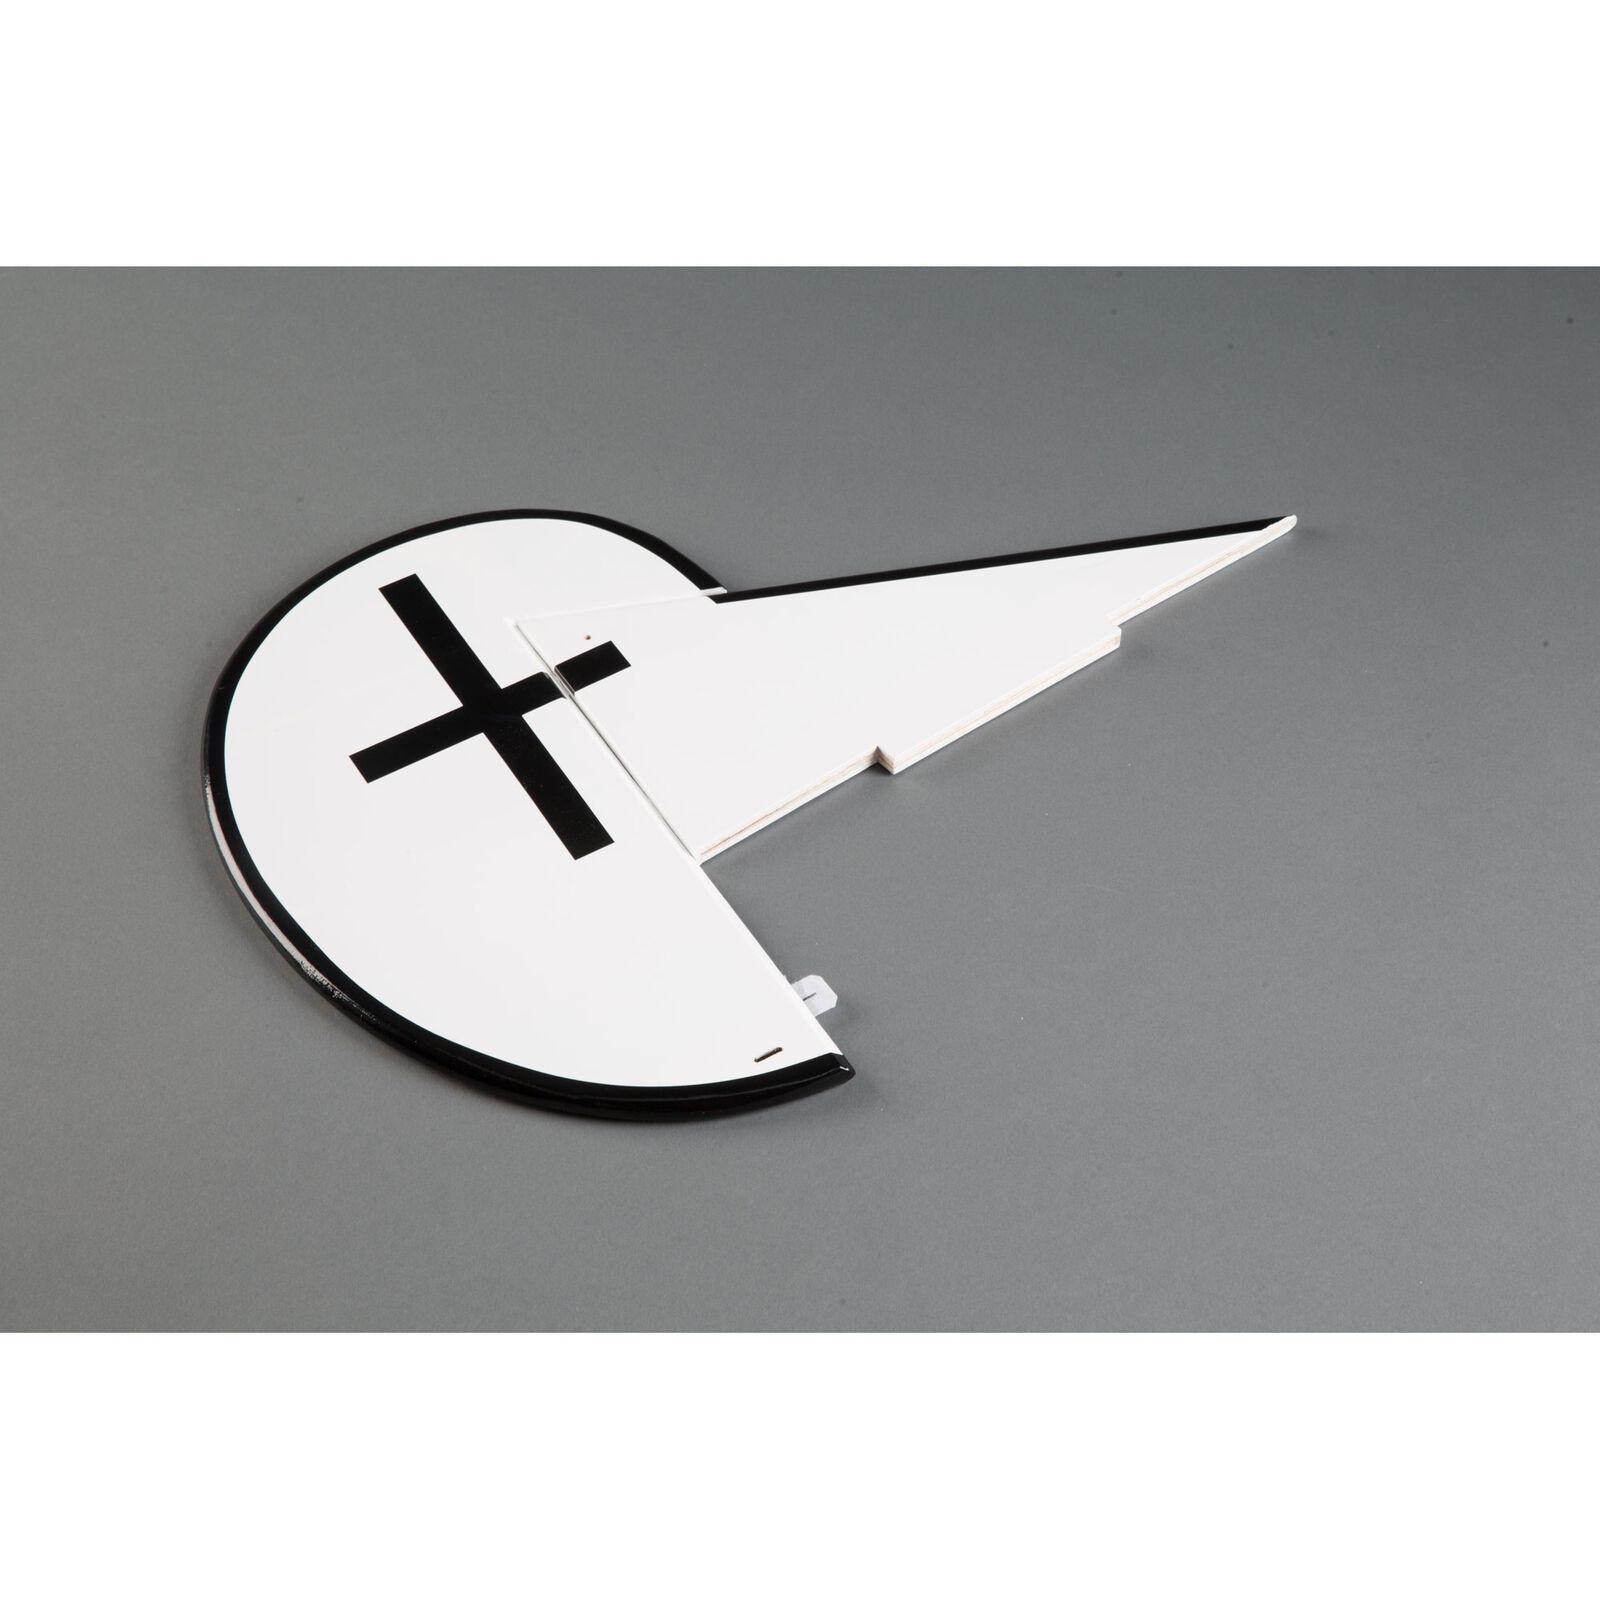 Fin & Rudder: Fokker D.VII